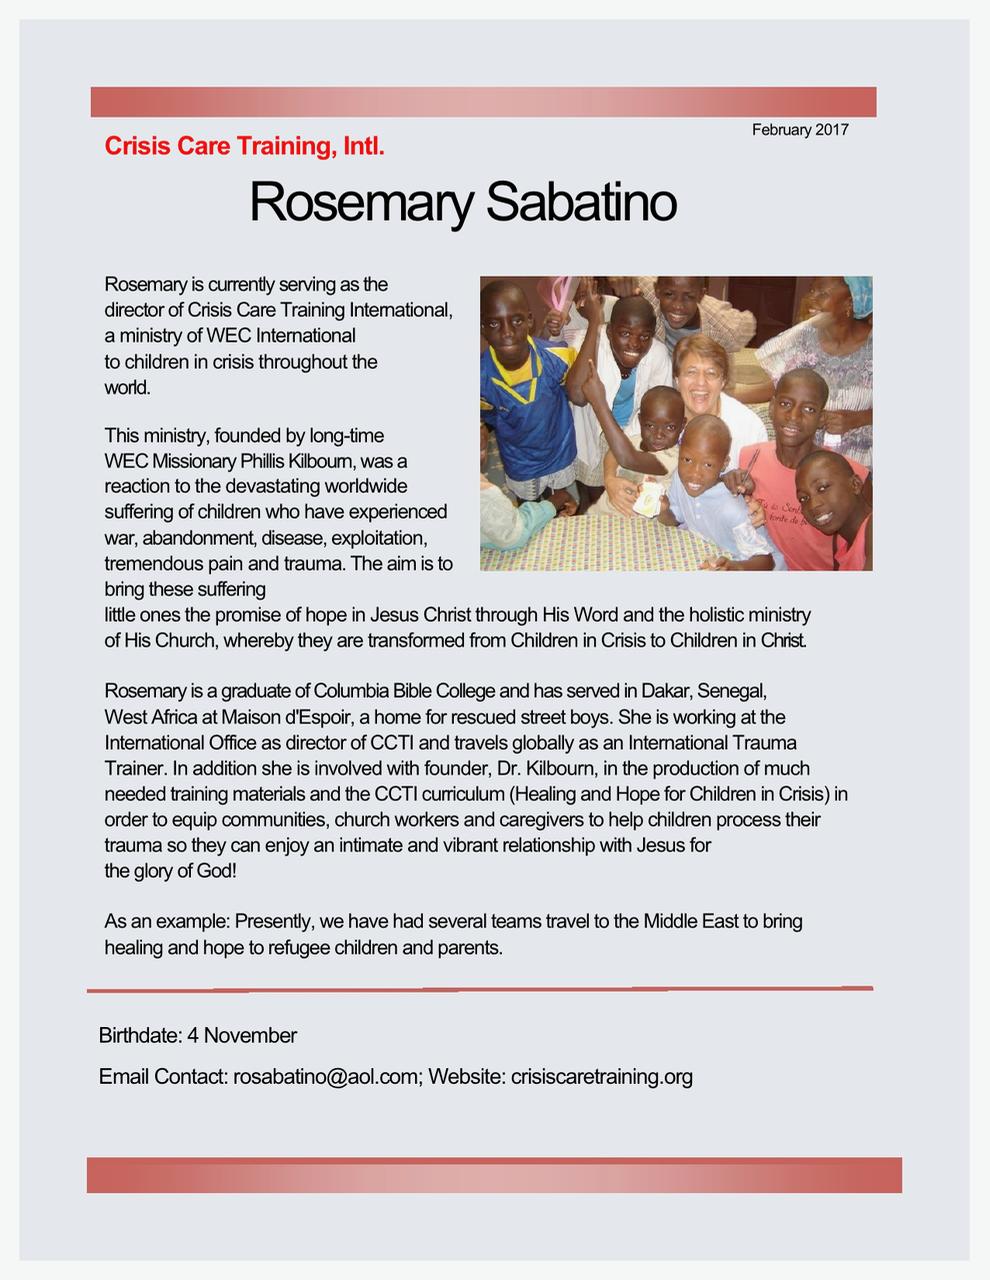 Rosemary Sabatino